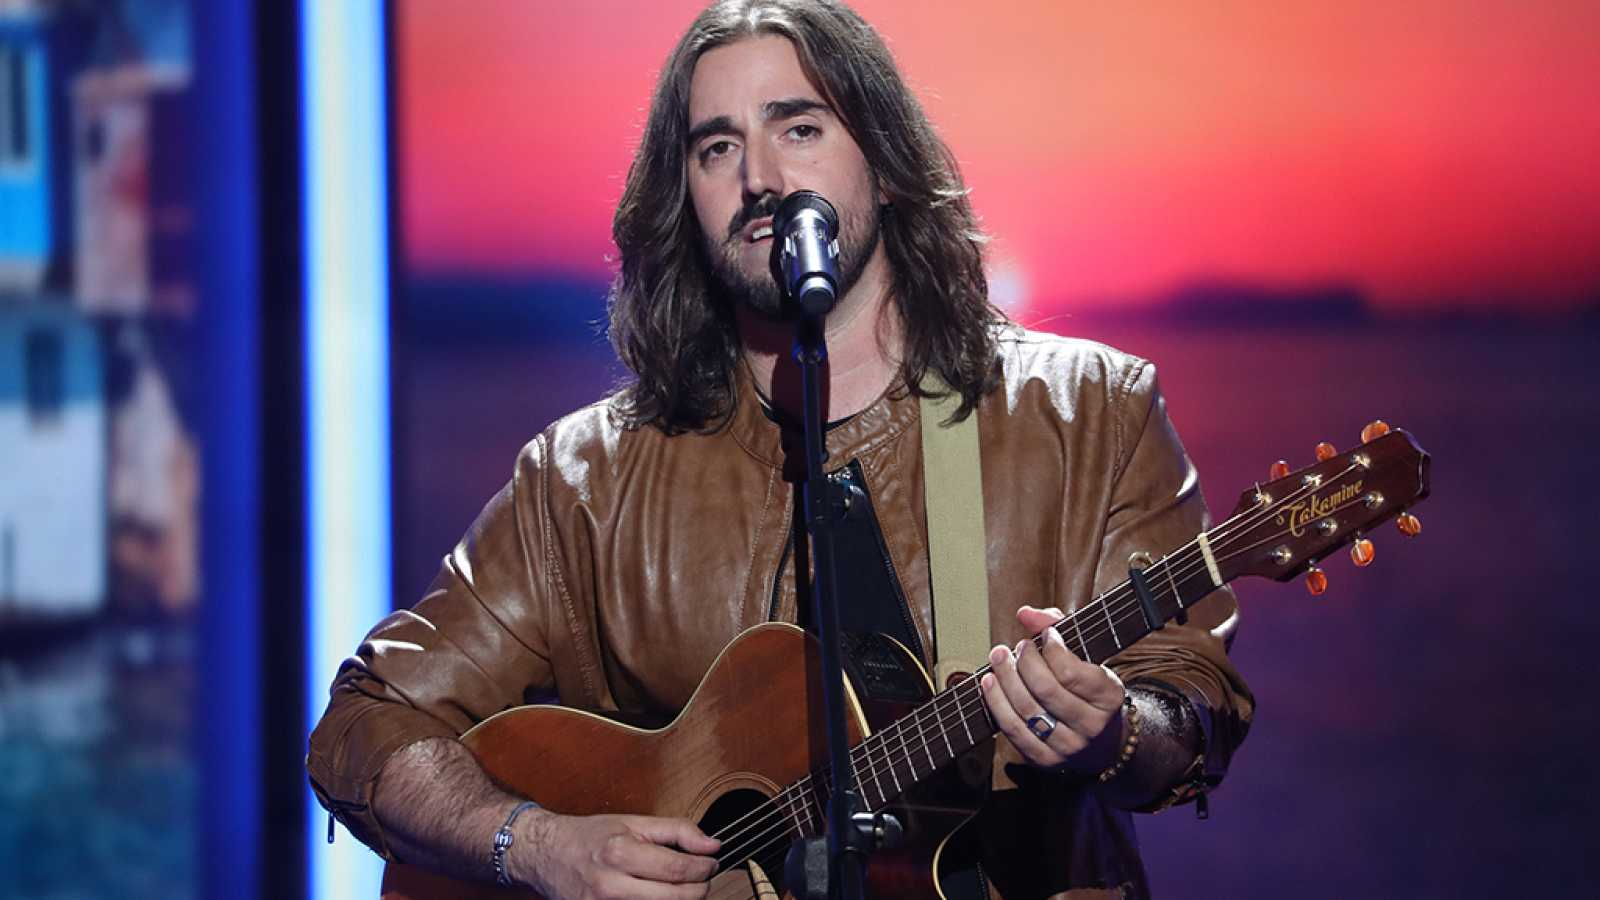 Colega Basura Cerdito  La mejor canción jamás cantada - Programa 8: Gala final - RTVE.es